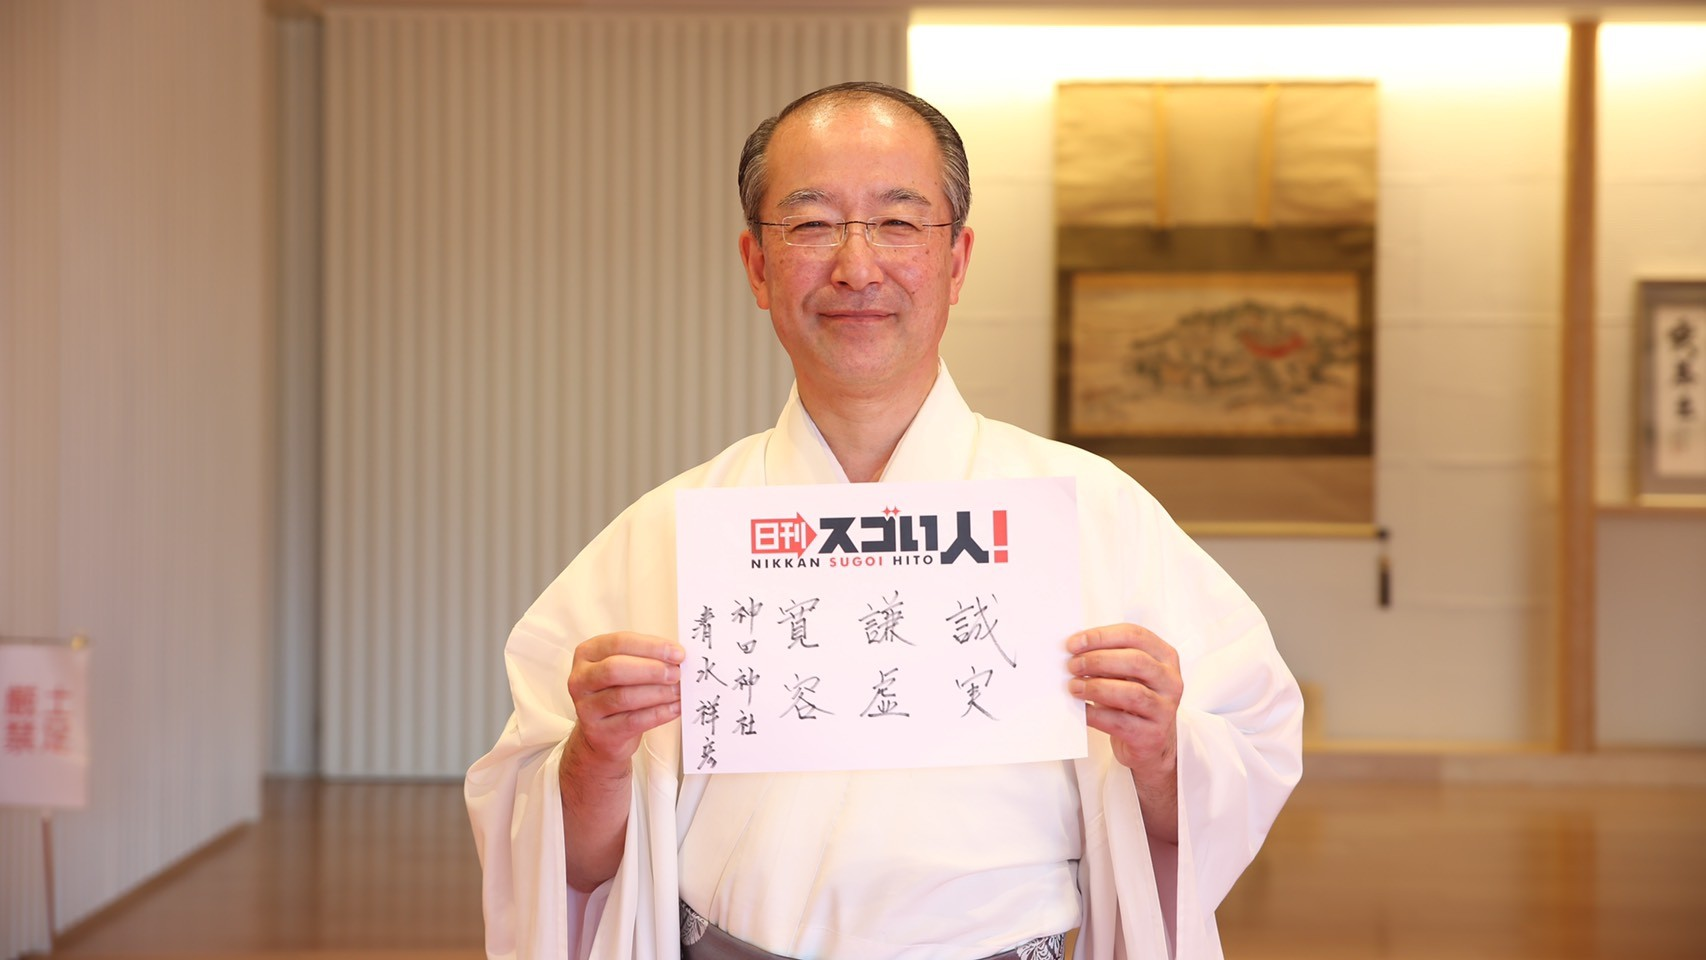 (日本語) 古来から日本に伝わる神道を現代カルチャーに結びつけるスゴい人 DAY2